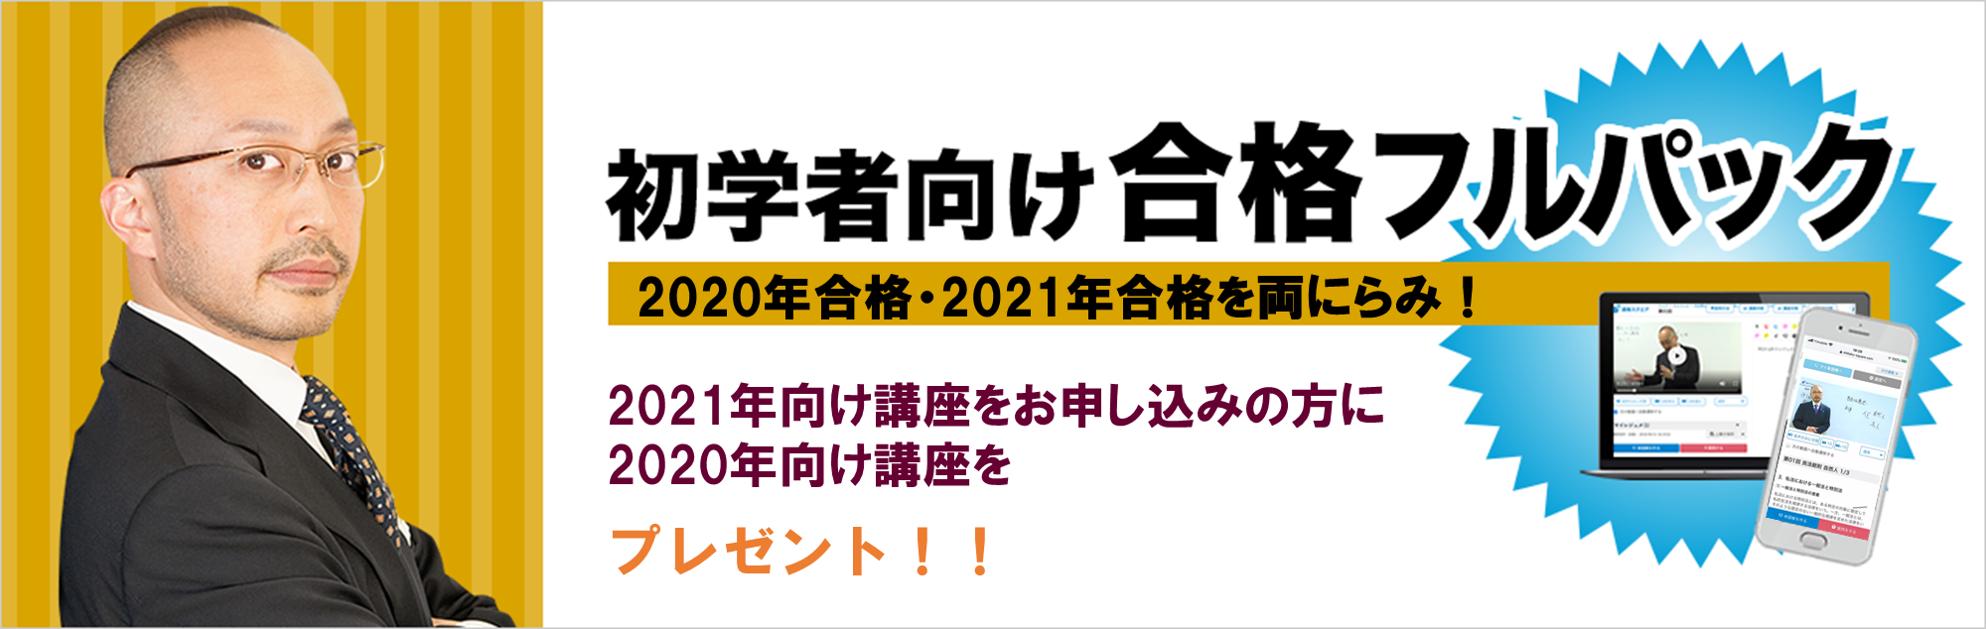 2021初学者向け